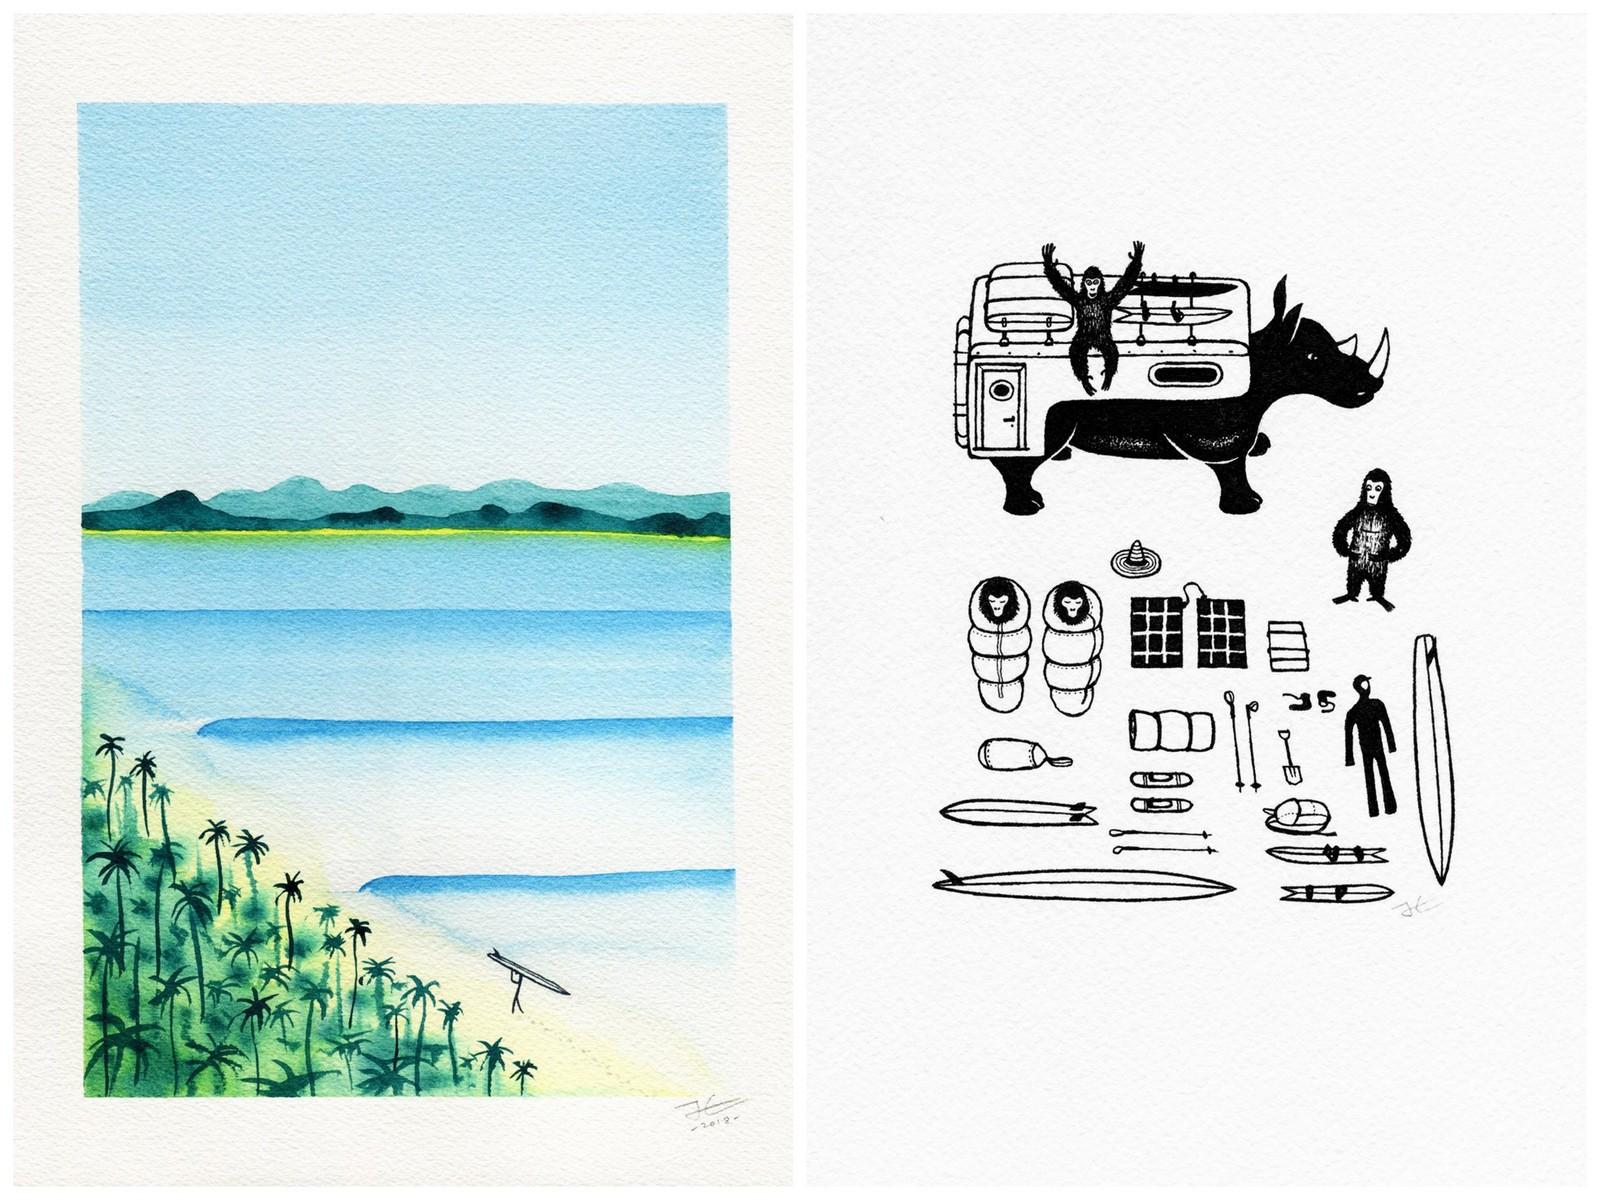 jonas claesson,artiste,peintre,aquarelle,dessin,feutre,australie,suède,stepart,tee-shirts,coloriages,coloriages gratuits,coloriages à télécharger,illustration,surf,animaux,animaux surfeurs